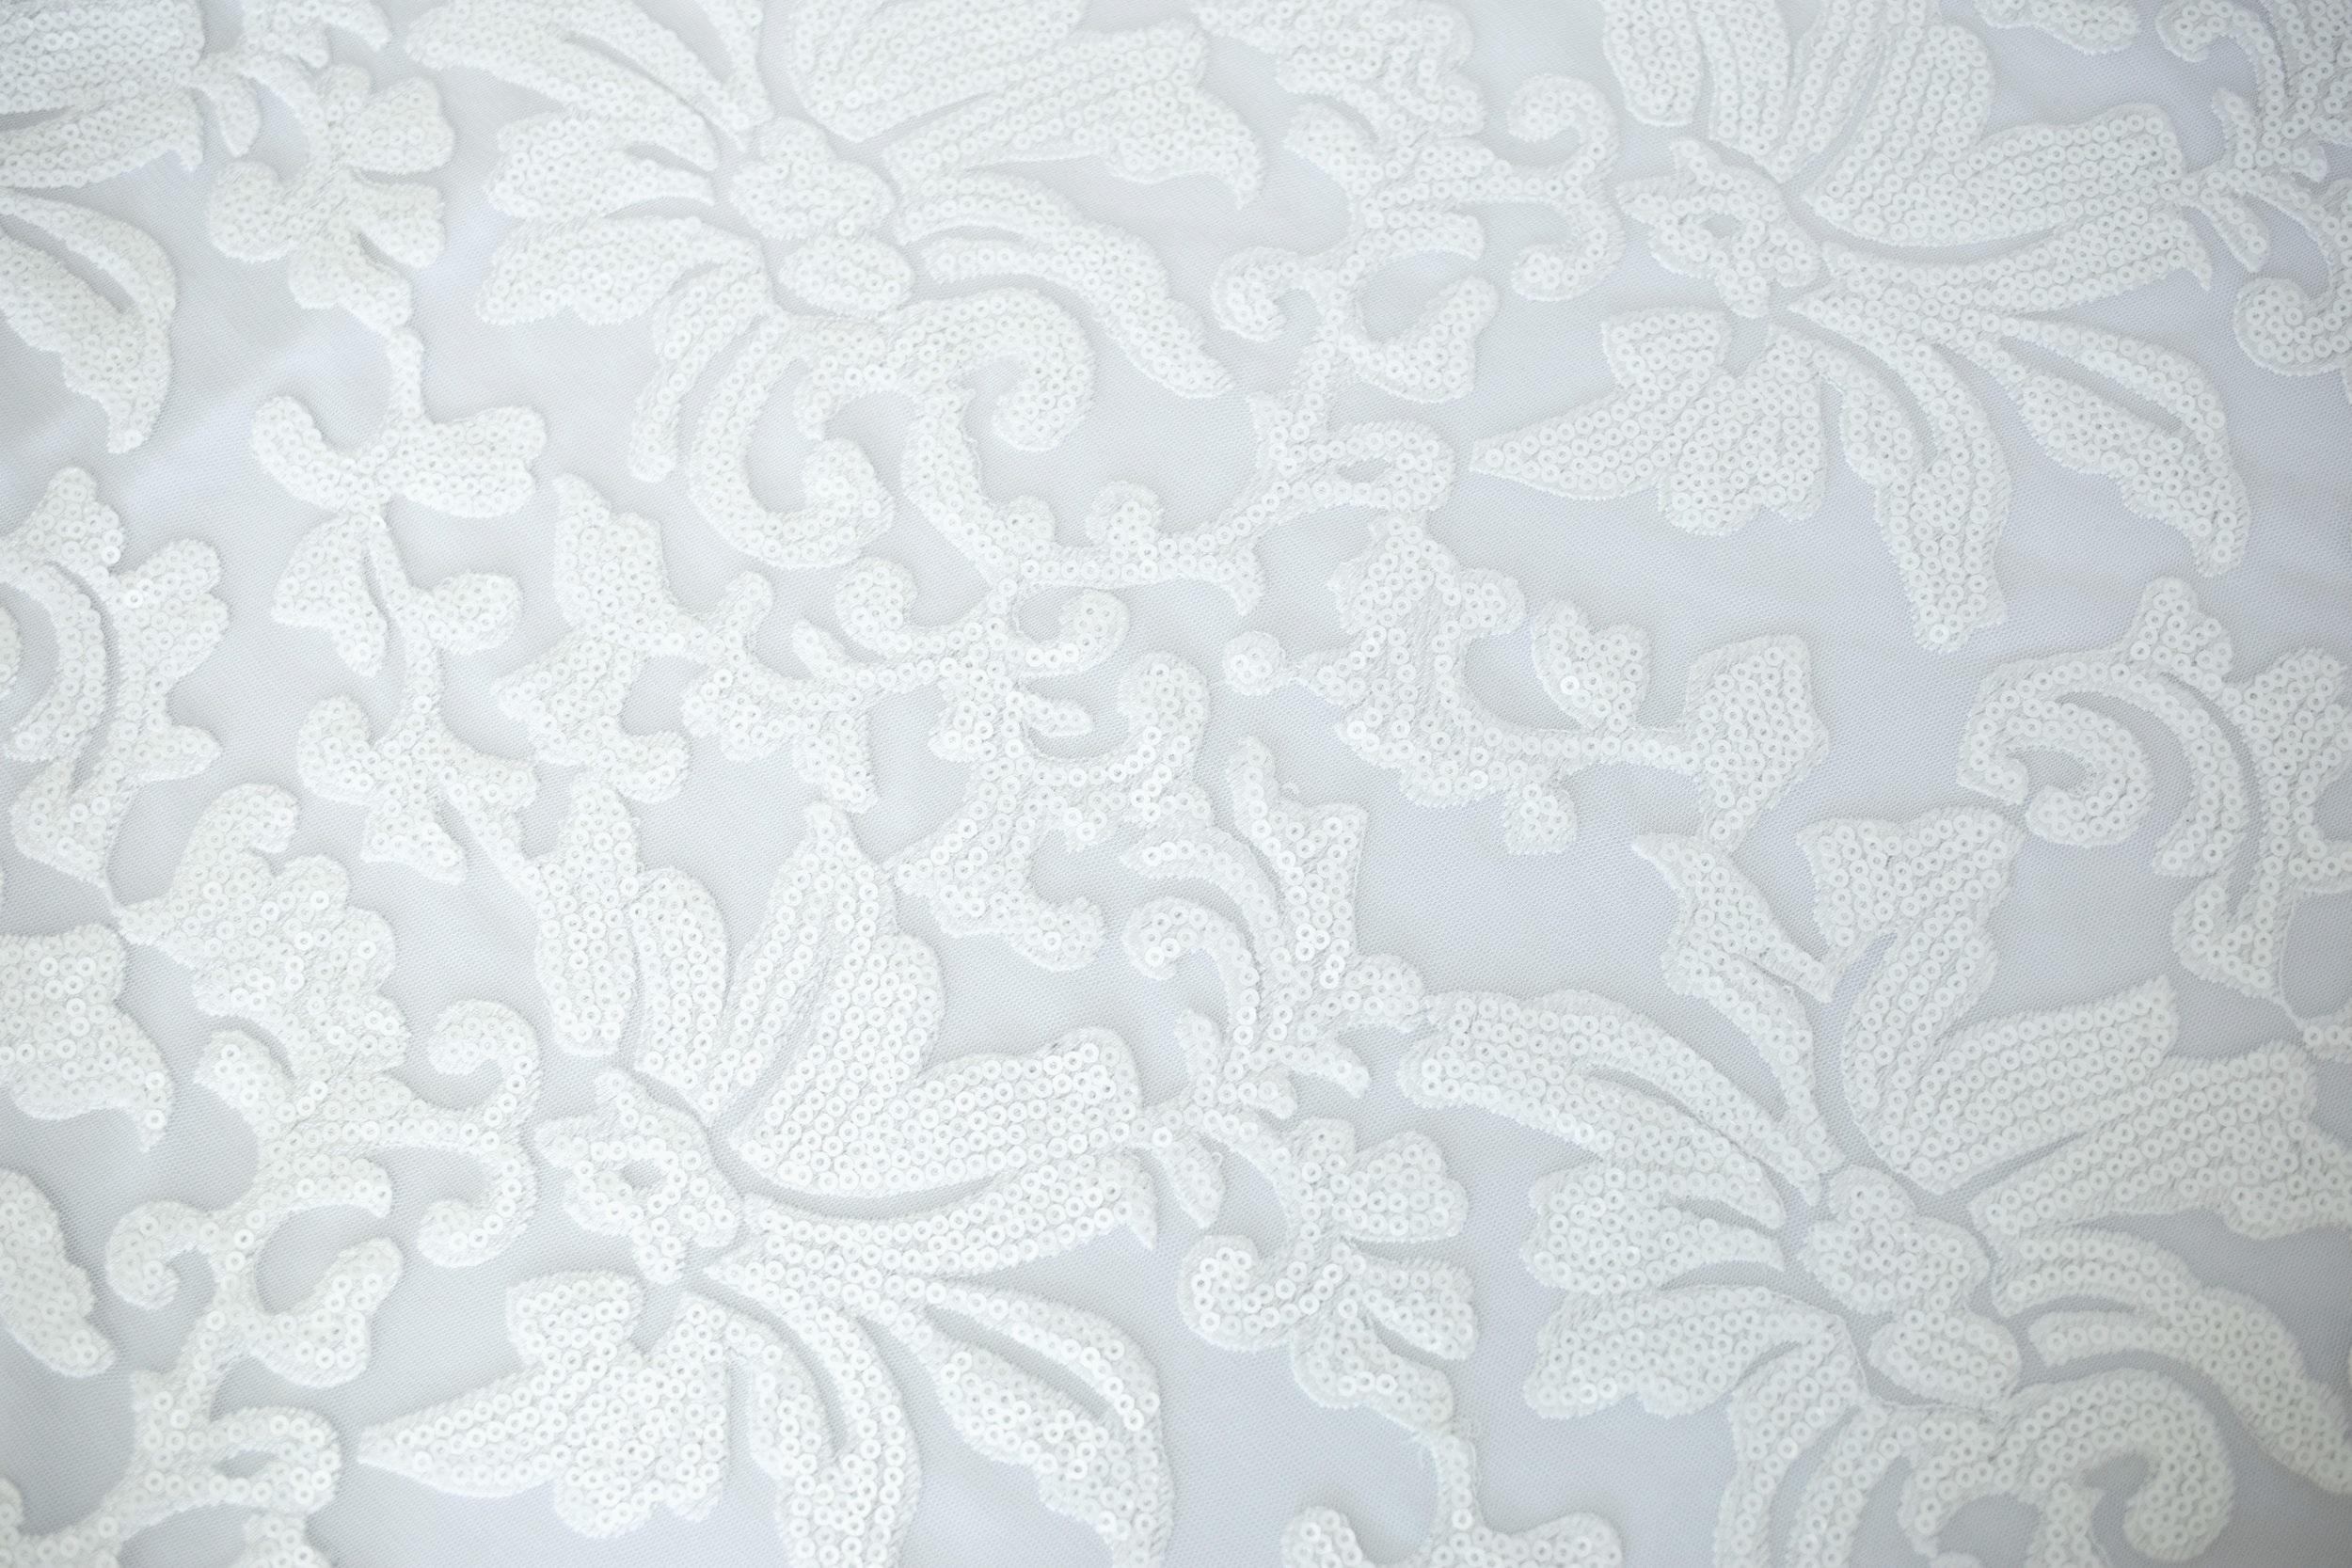 IMG_4927.jpg Magnolia Lace.jpg